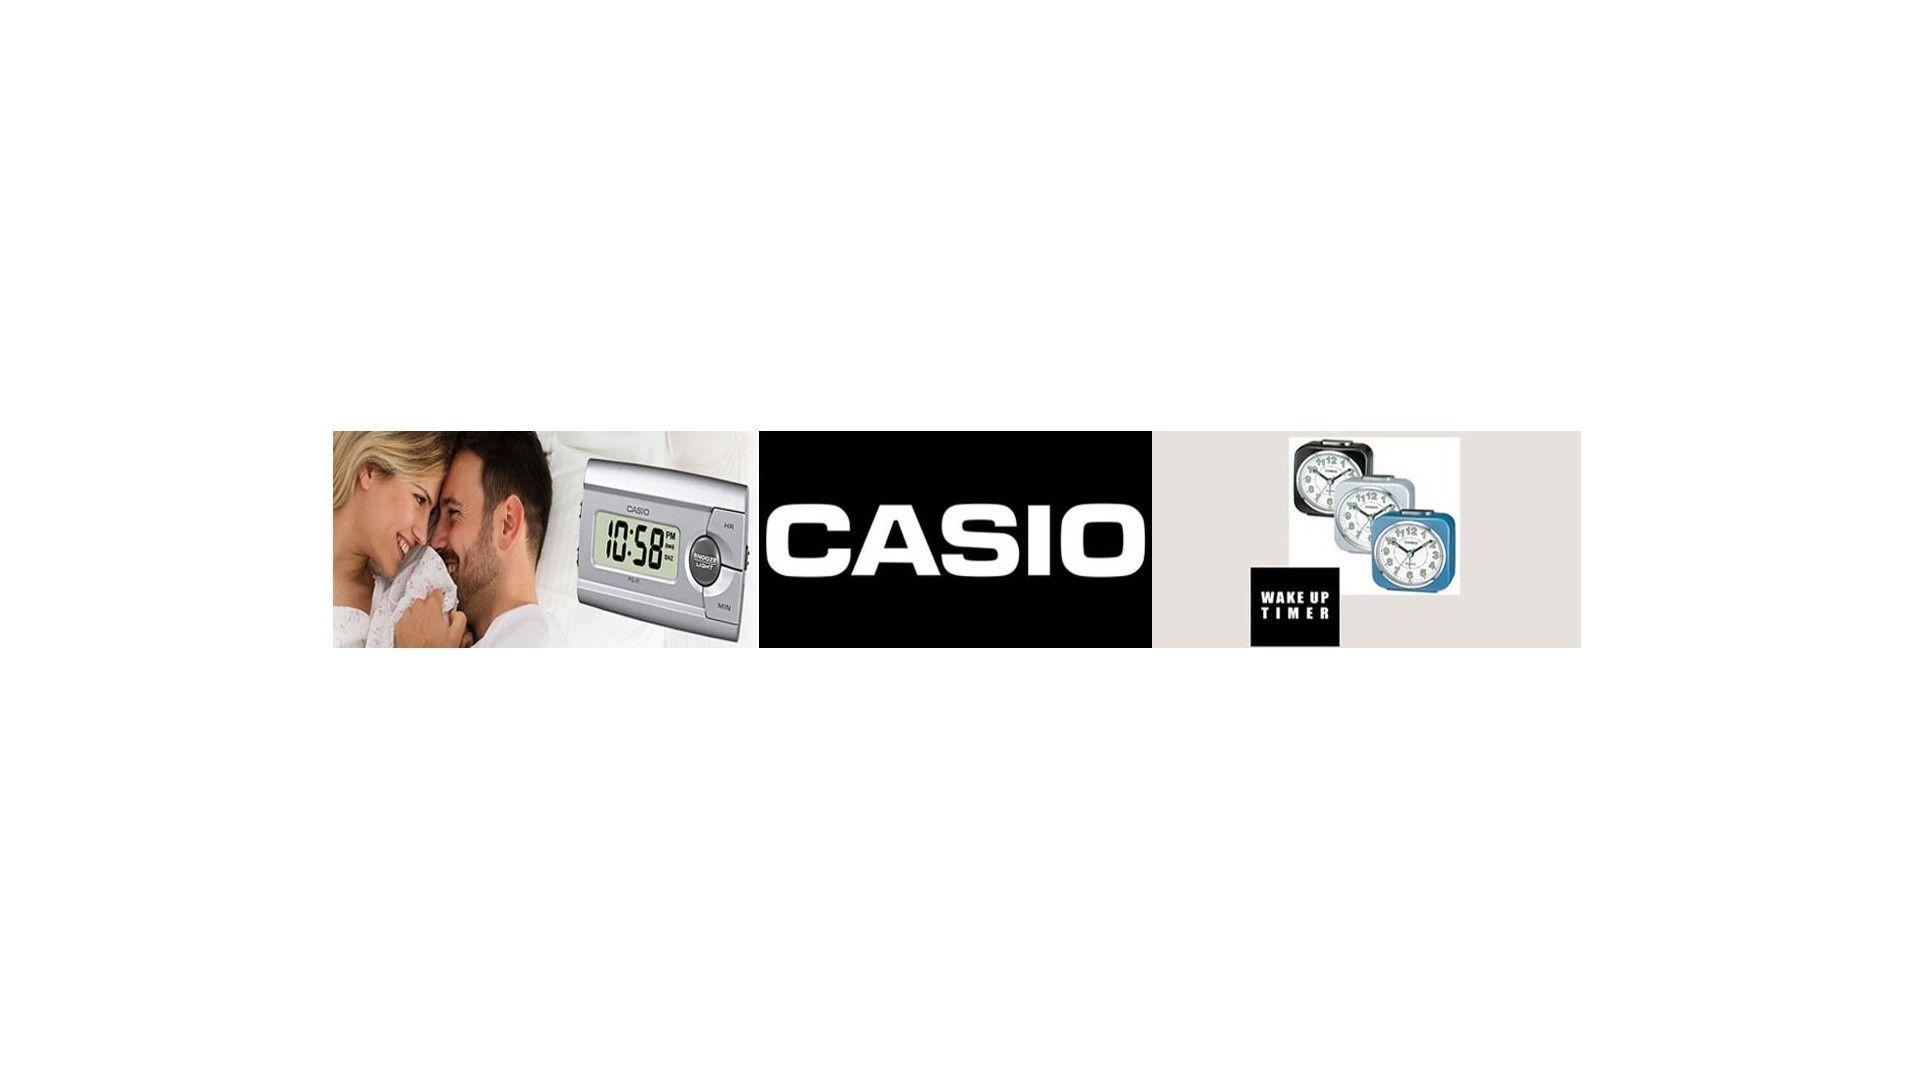 Despertadores Casio - Venta online